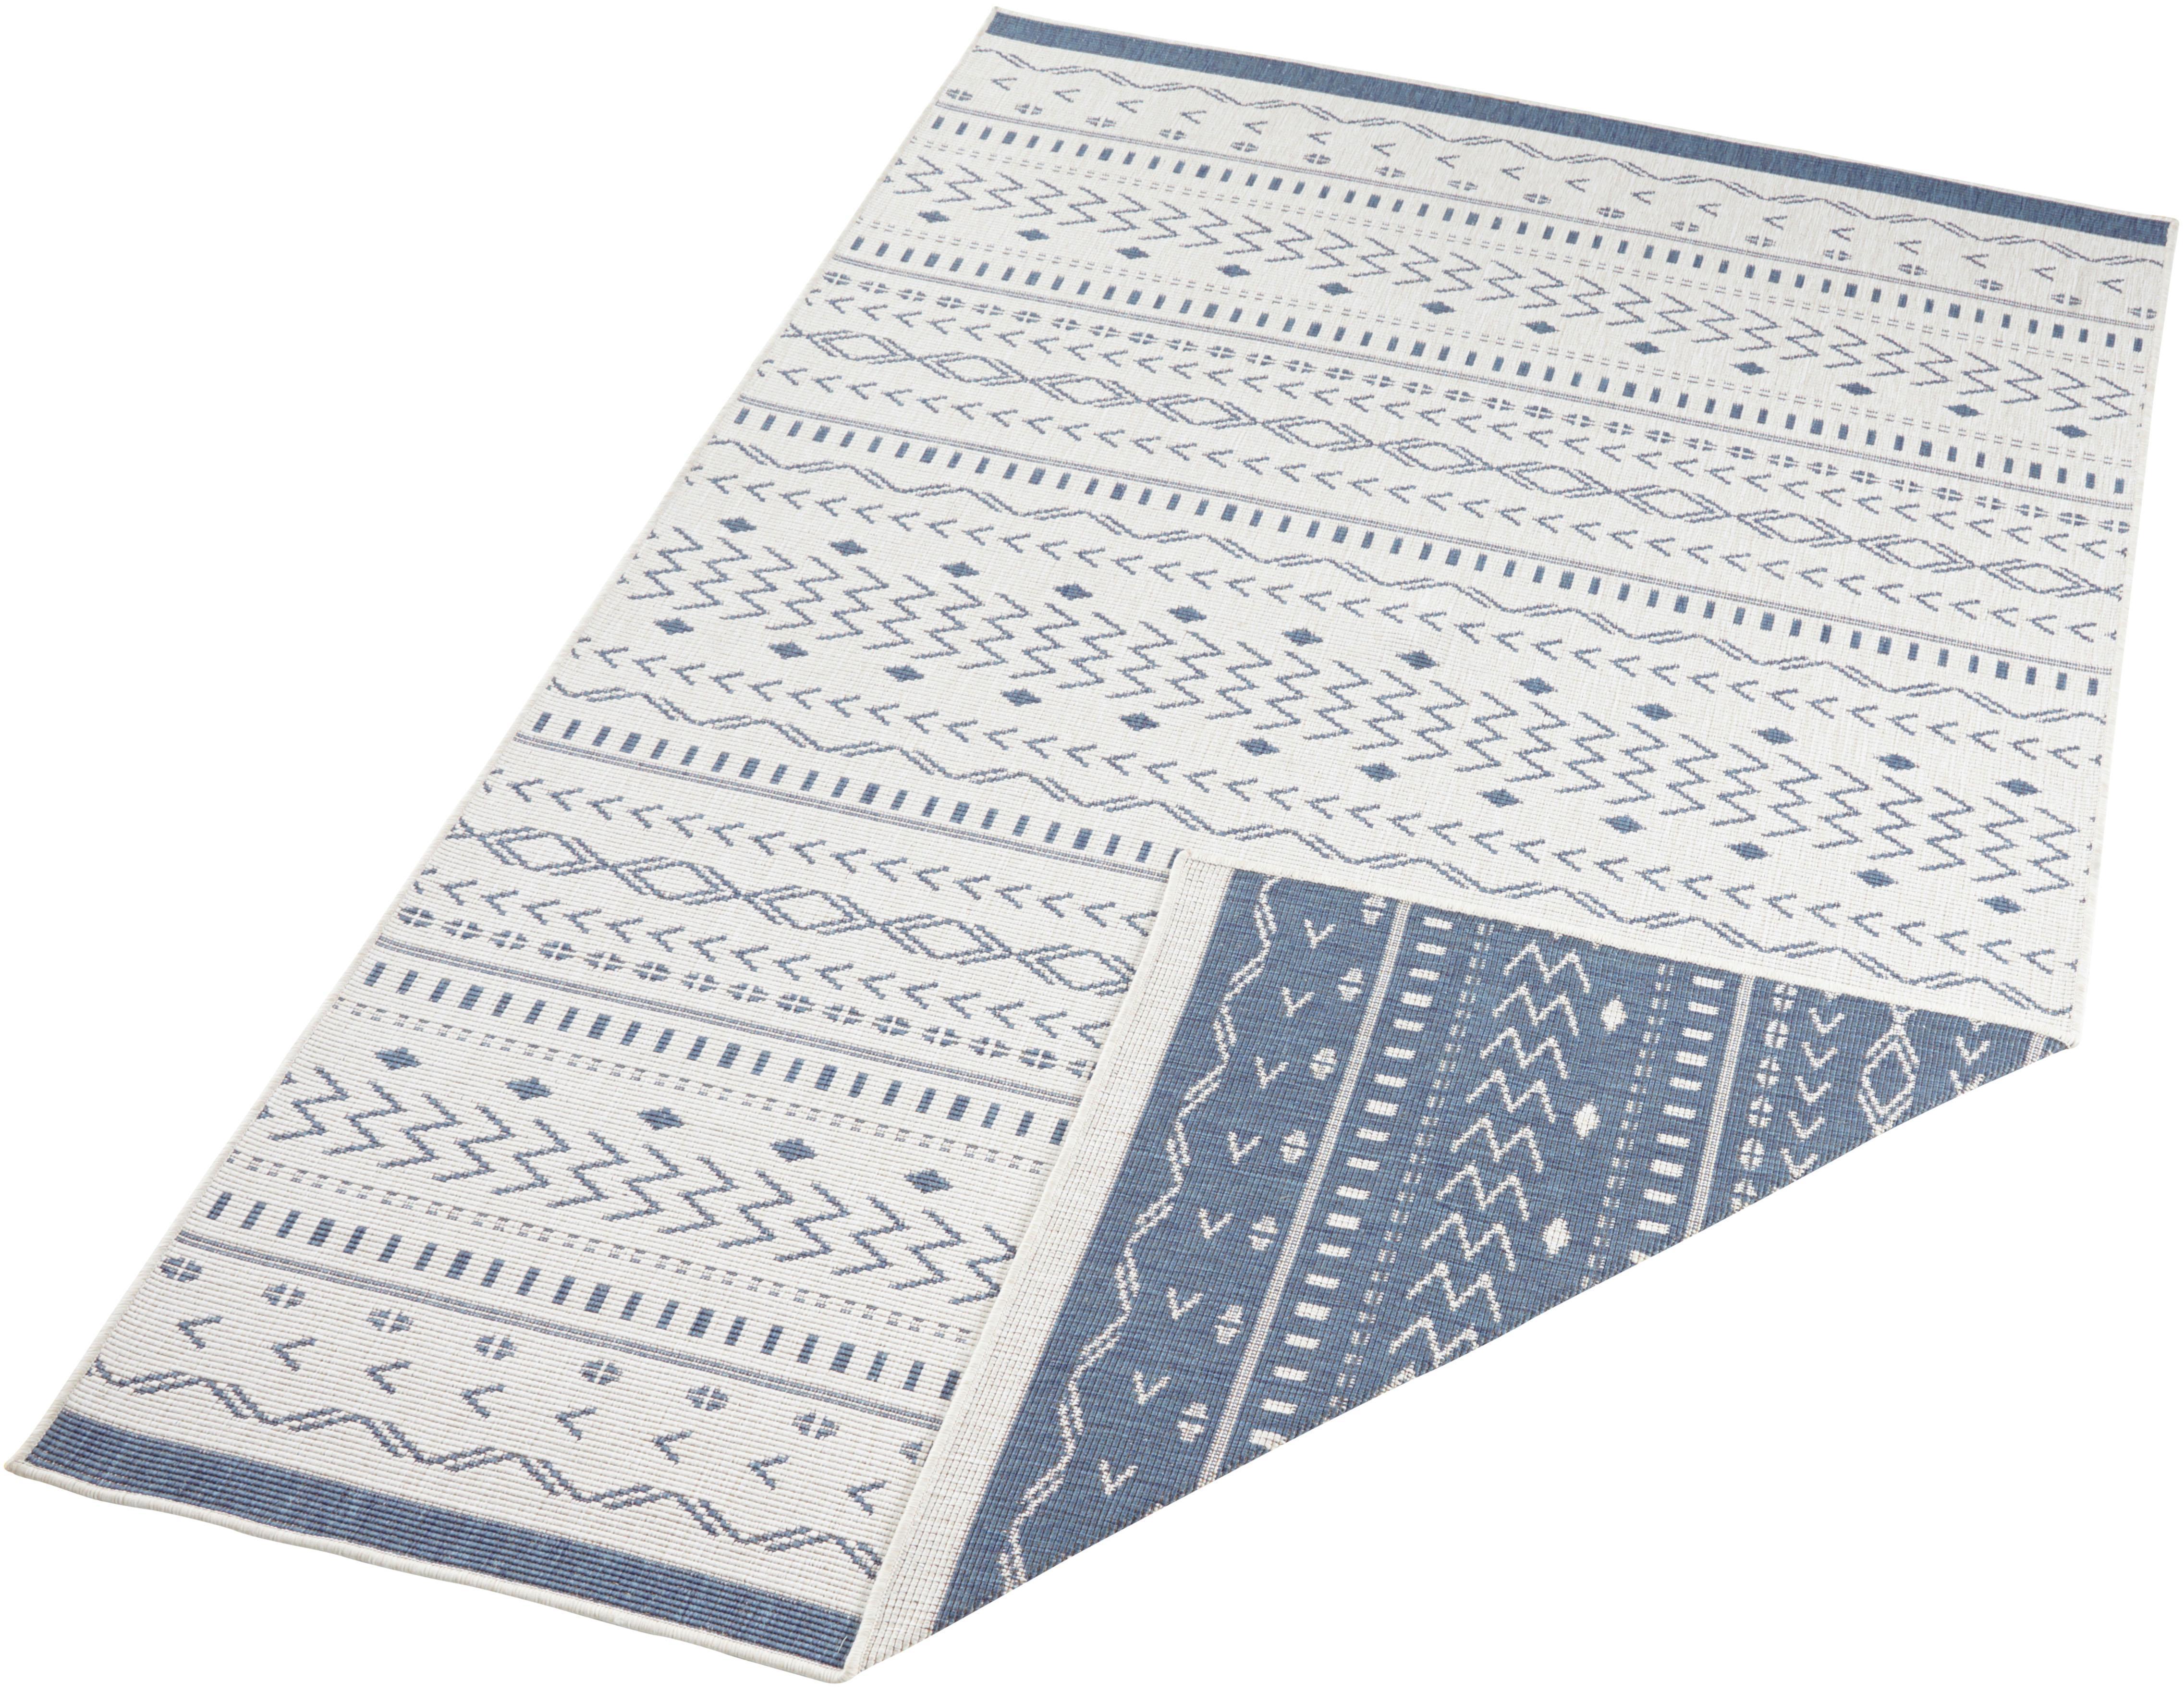 Teppich Kuba bougari rechteckig Höhe 5 mm maschinell gewebt